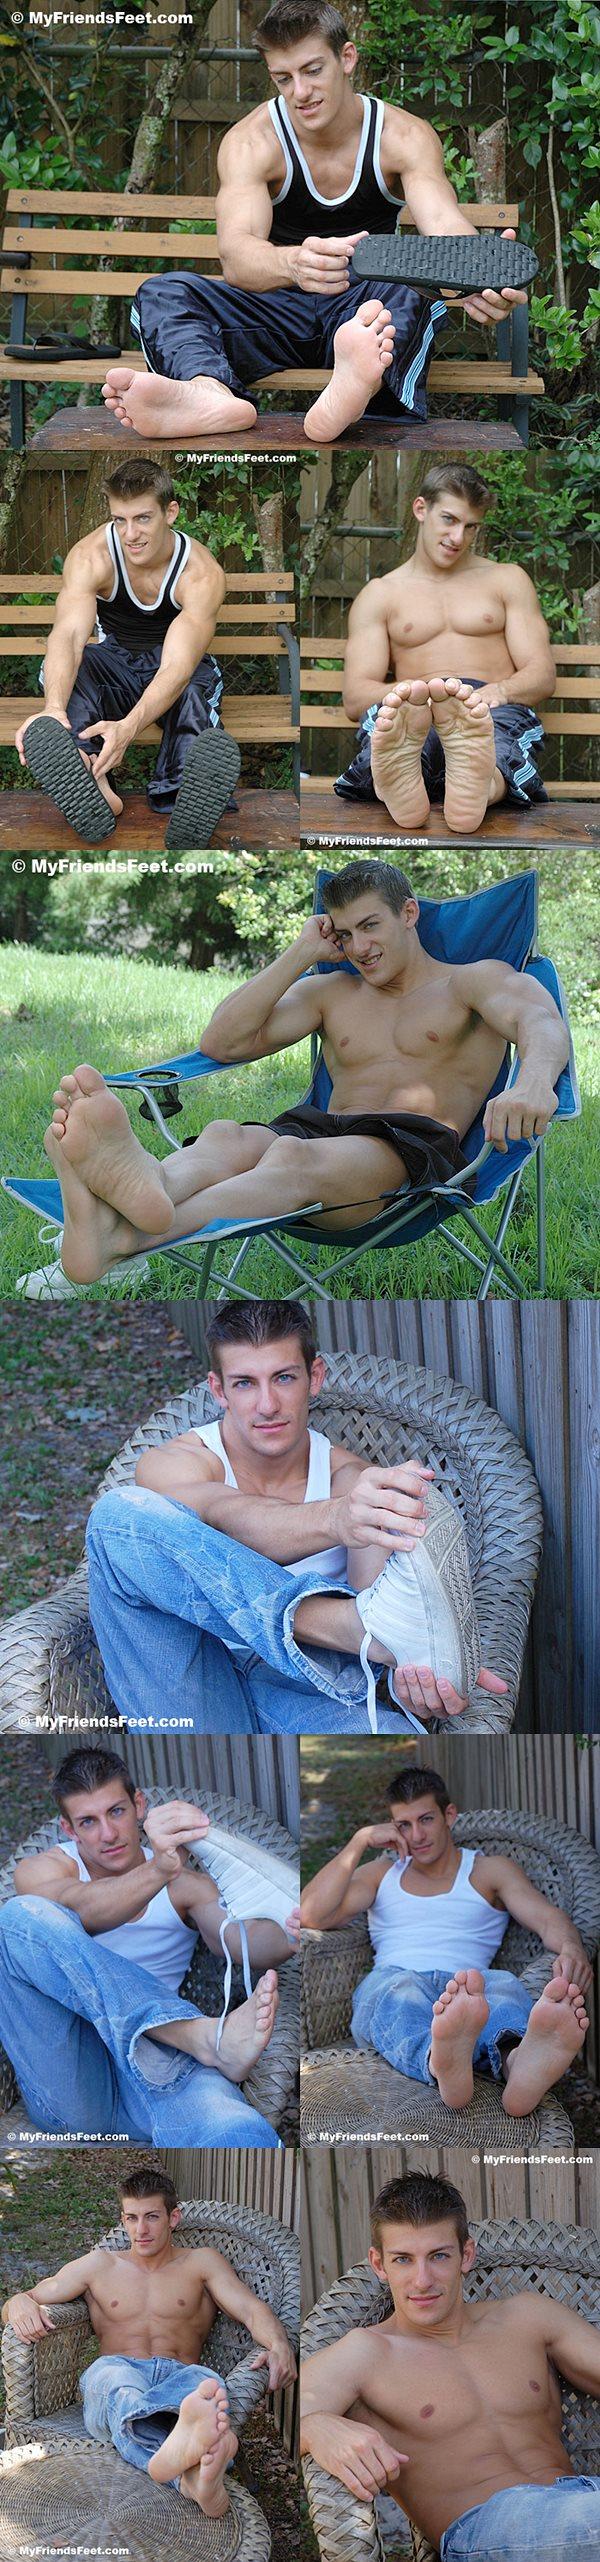 Super handsome straight jock Devon (aka Zack Johnathan) tickled at Myfriendsfeet